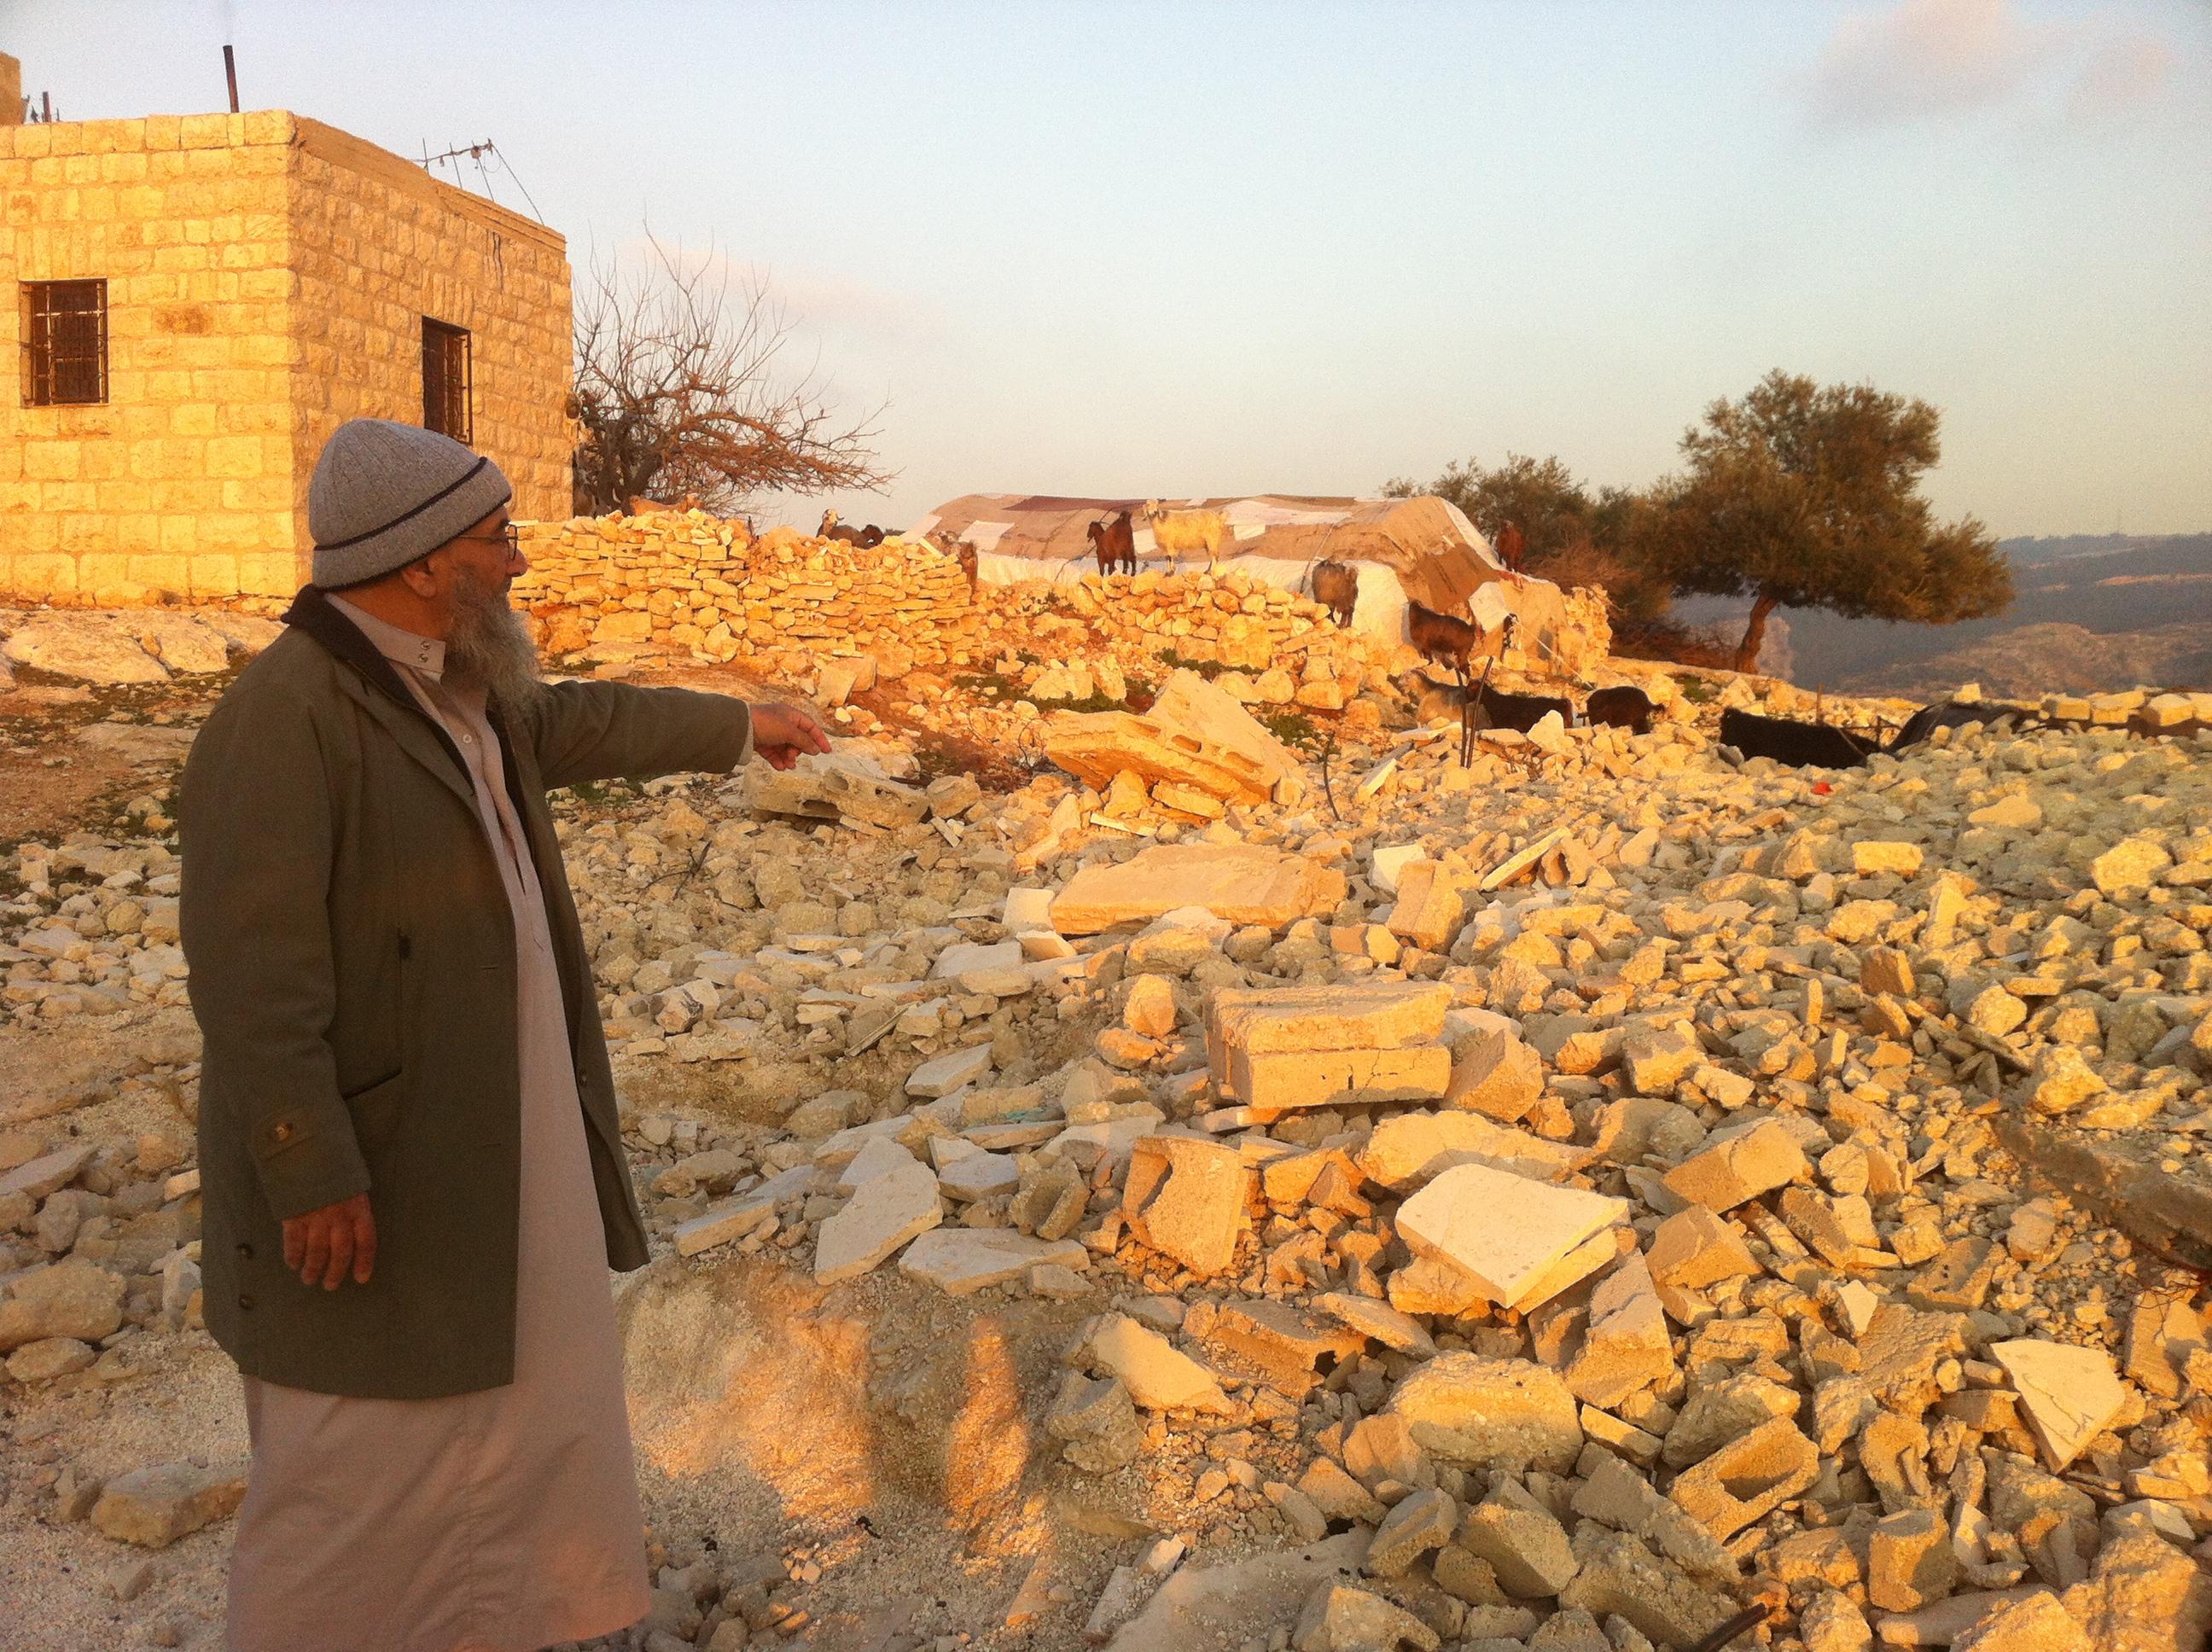 Sheikh Naser